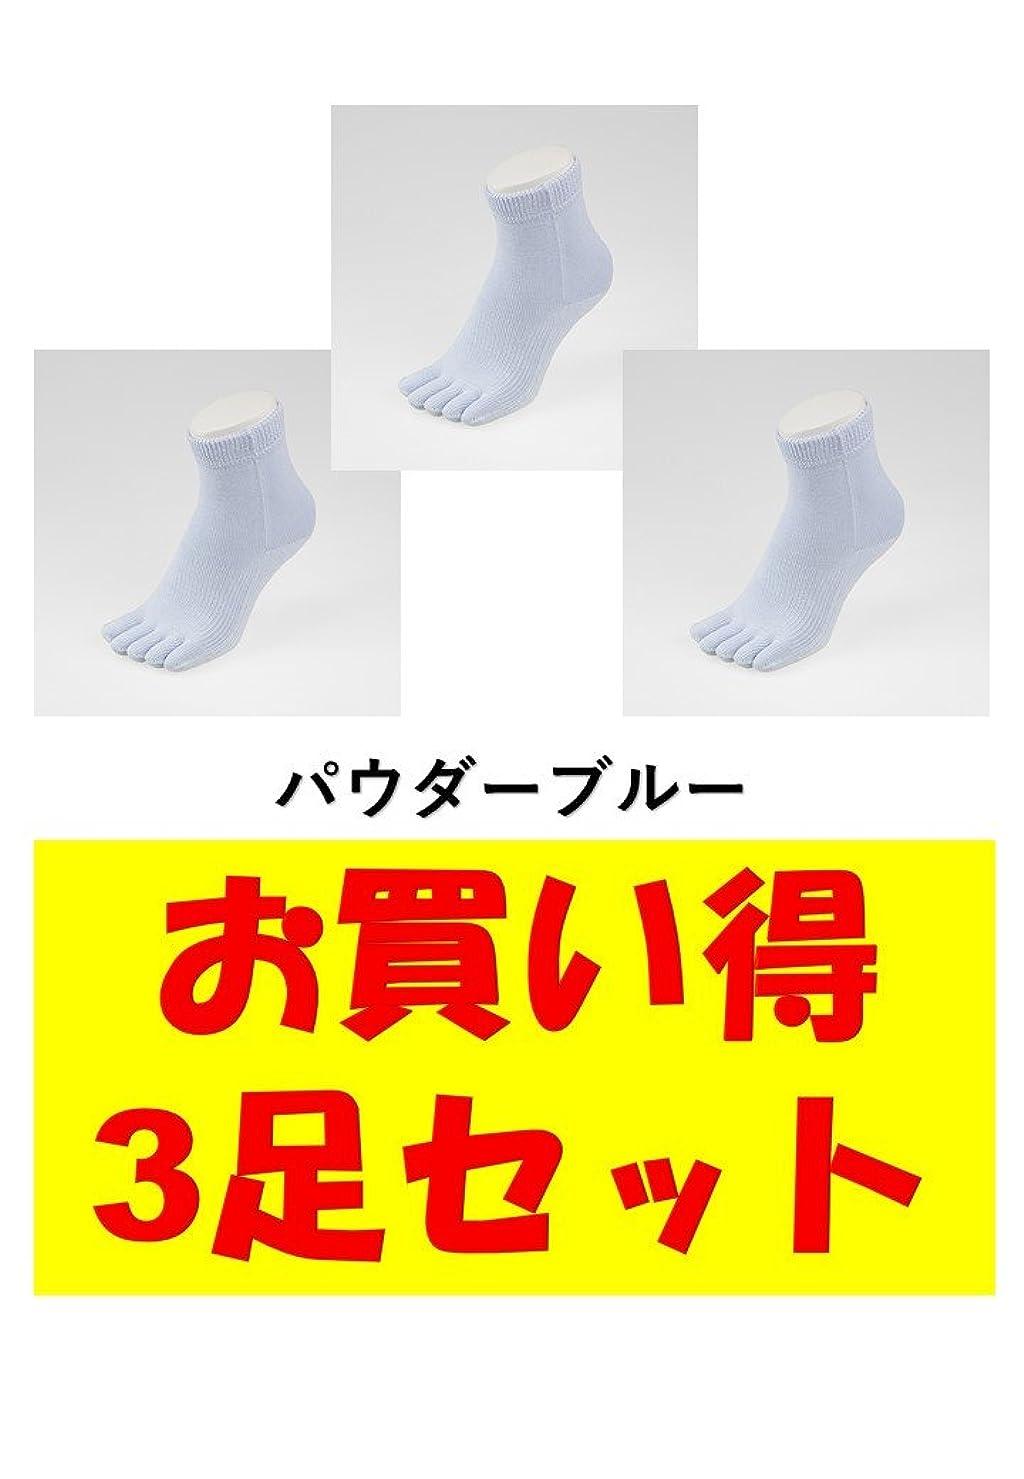 反動水差しお金ゴムお買い得3足セット 5本指 ゆびのばソックス Neo EVE(イヴ) パウダーブルー Sサイズ(21.0cm - 24.0cm) YSNEVE-PBL